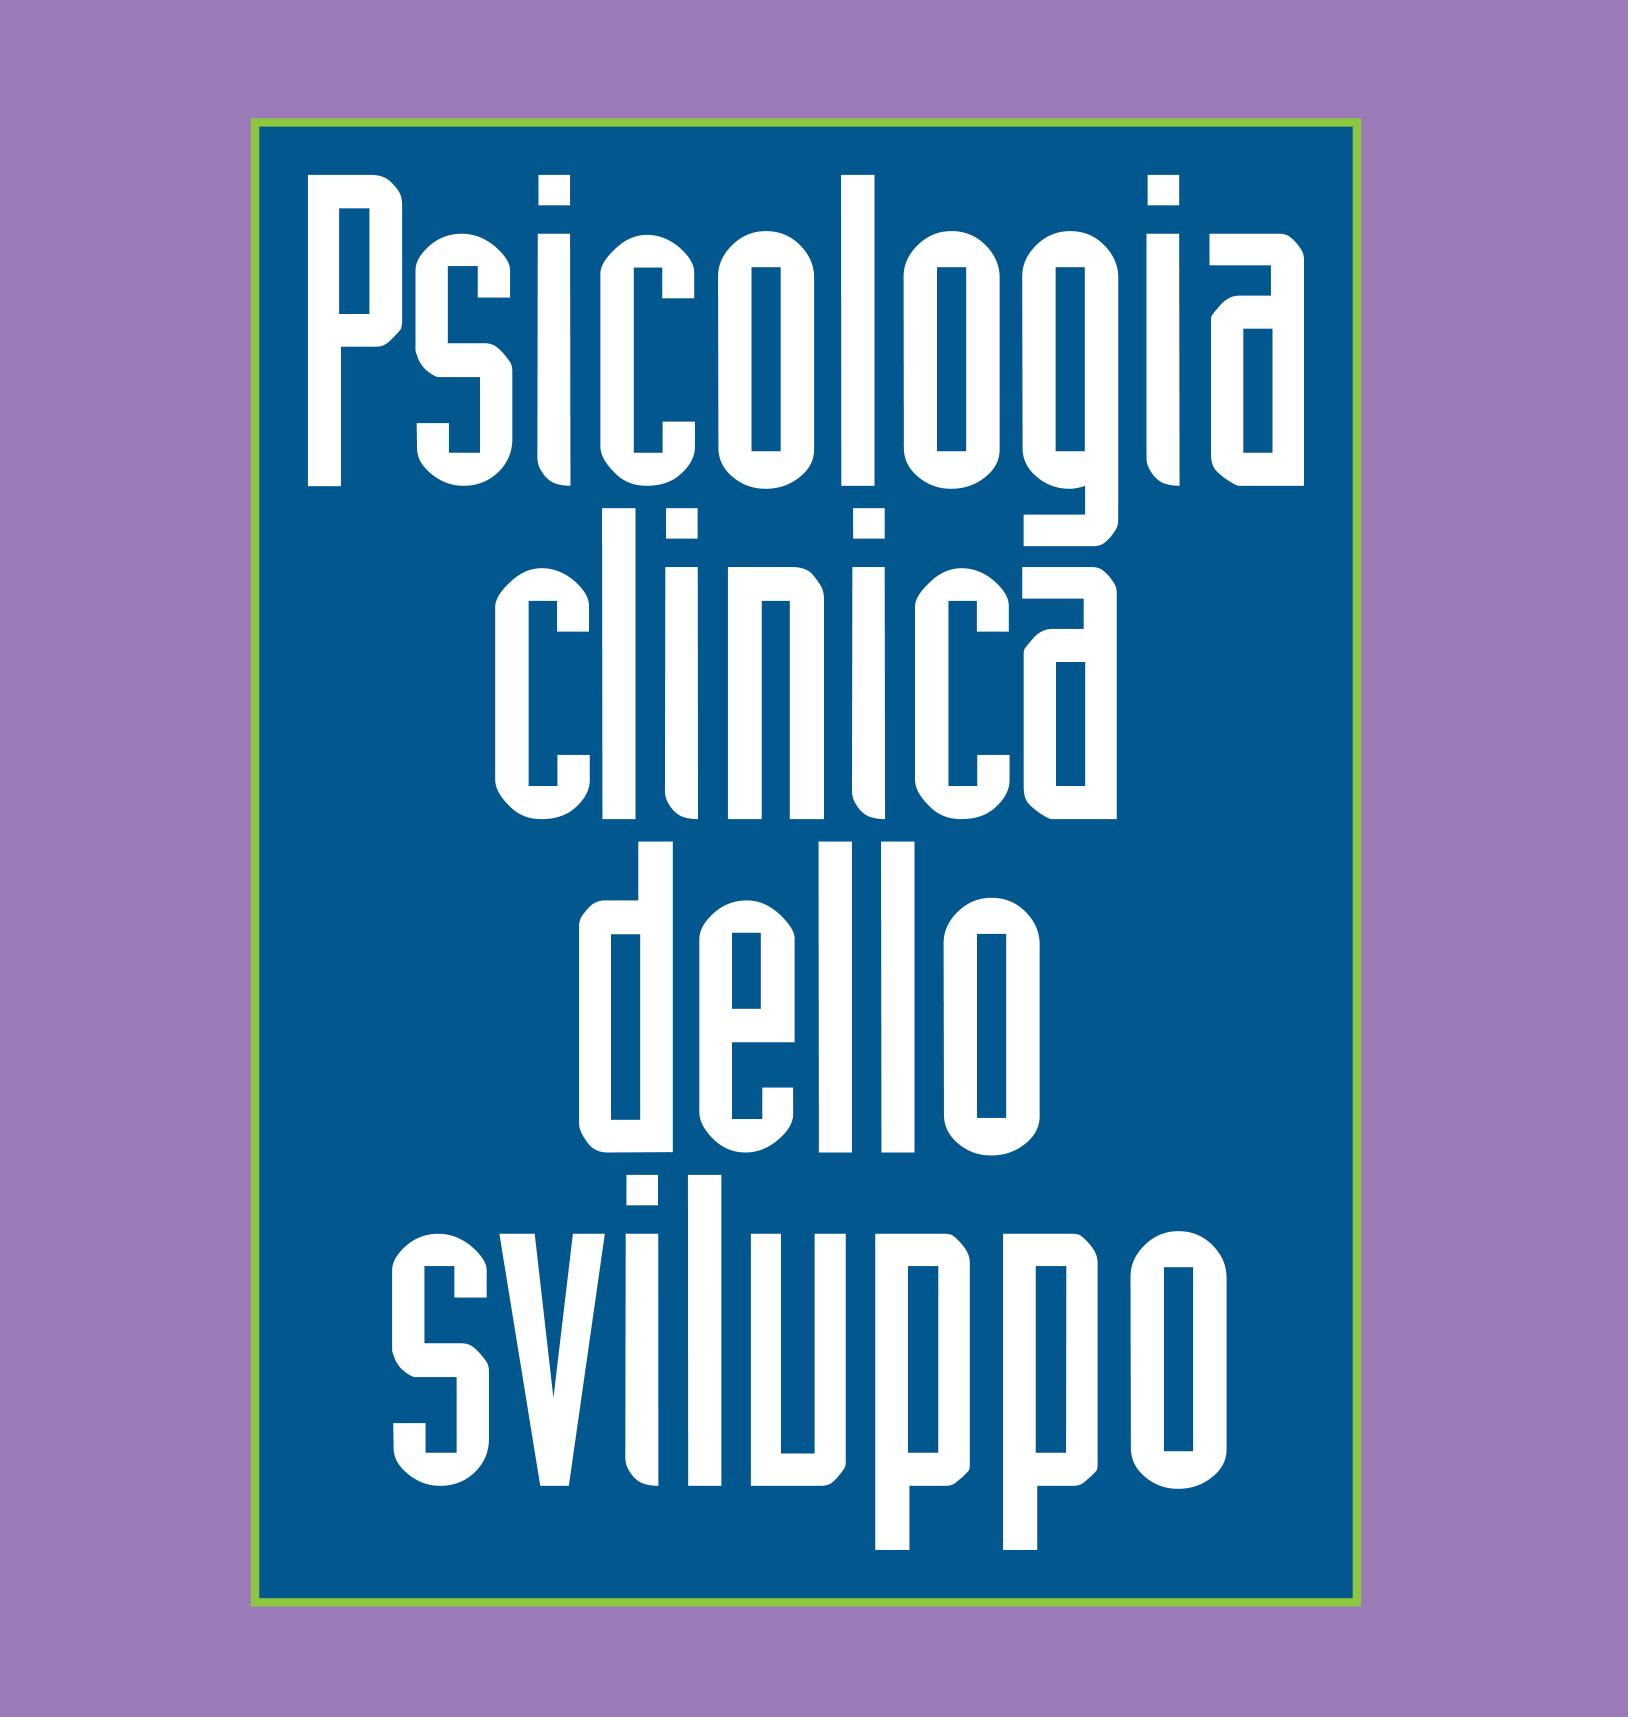 Logo Psicologia clicnica dello sviluppo